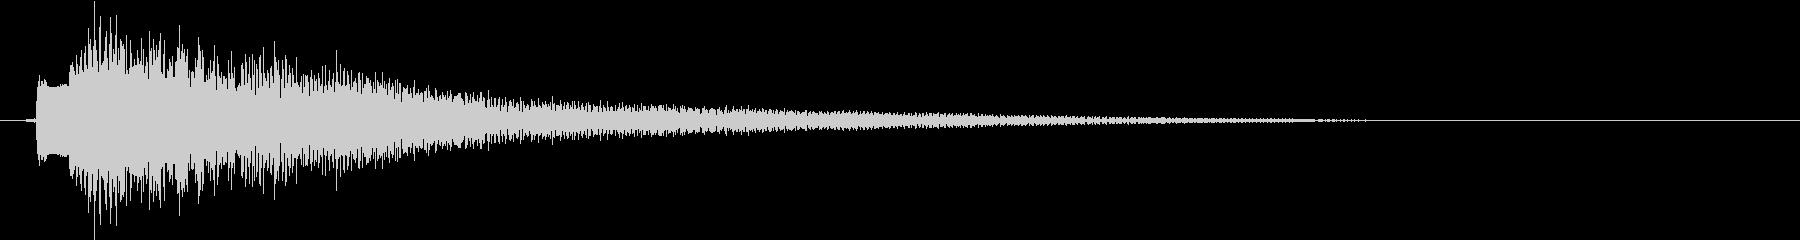 インドのシタール(ジャラーン)の未再生の波形